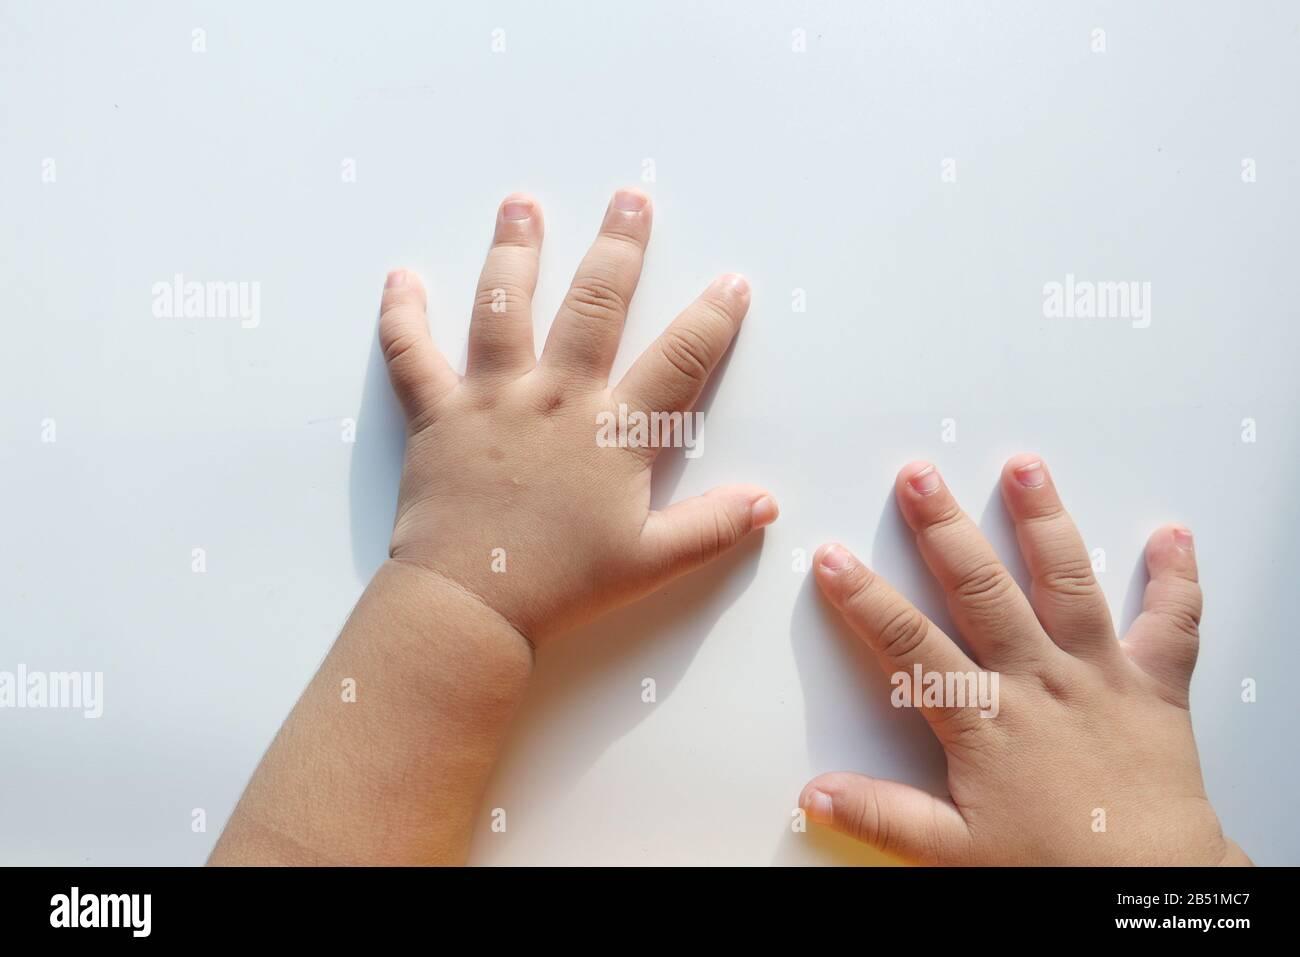 Gros plan de la main de bébé enfant sur fond blanc Banque D'Images